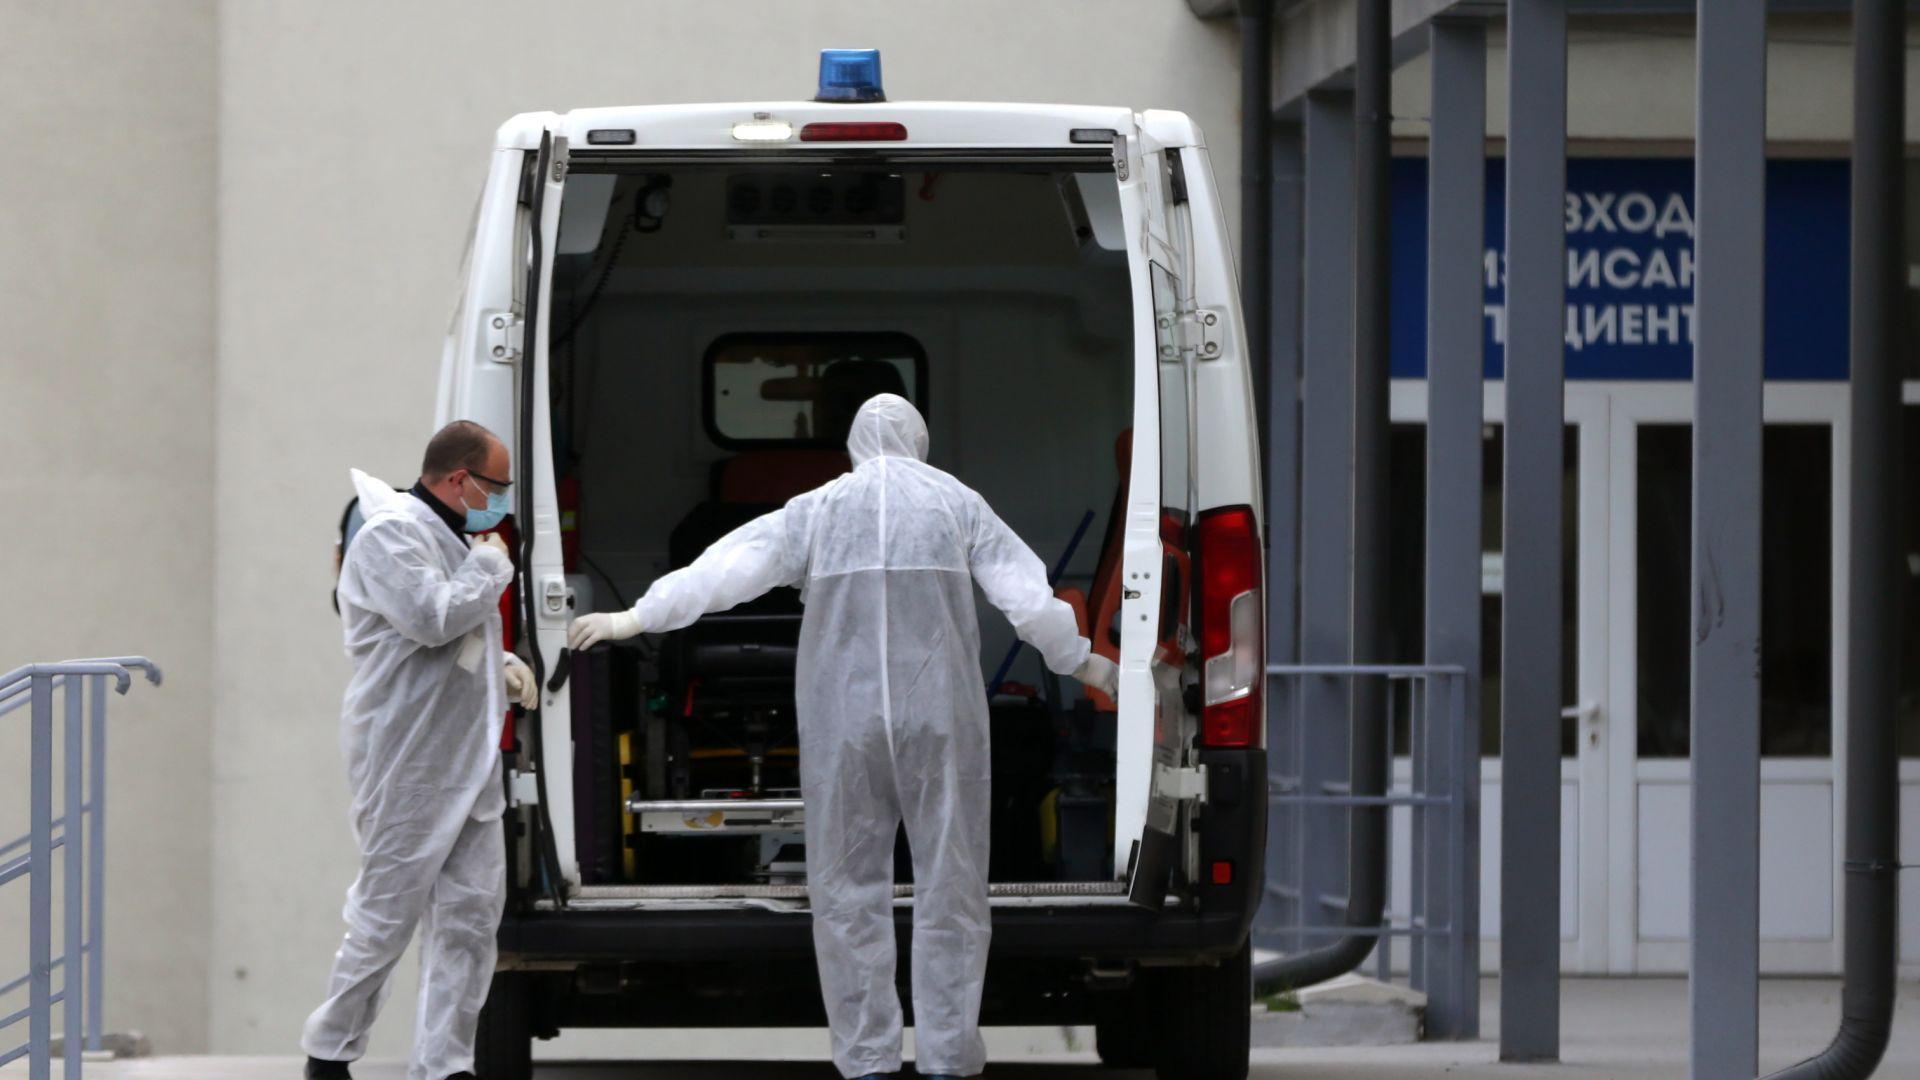 Избягал от болница загина след падане от 11-ия етаж в Силистра, бил е положителен за COVID-19